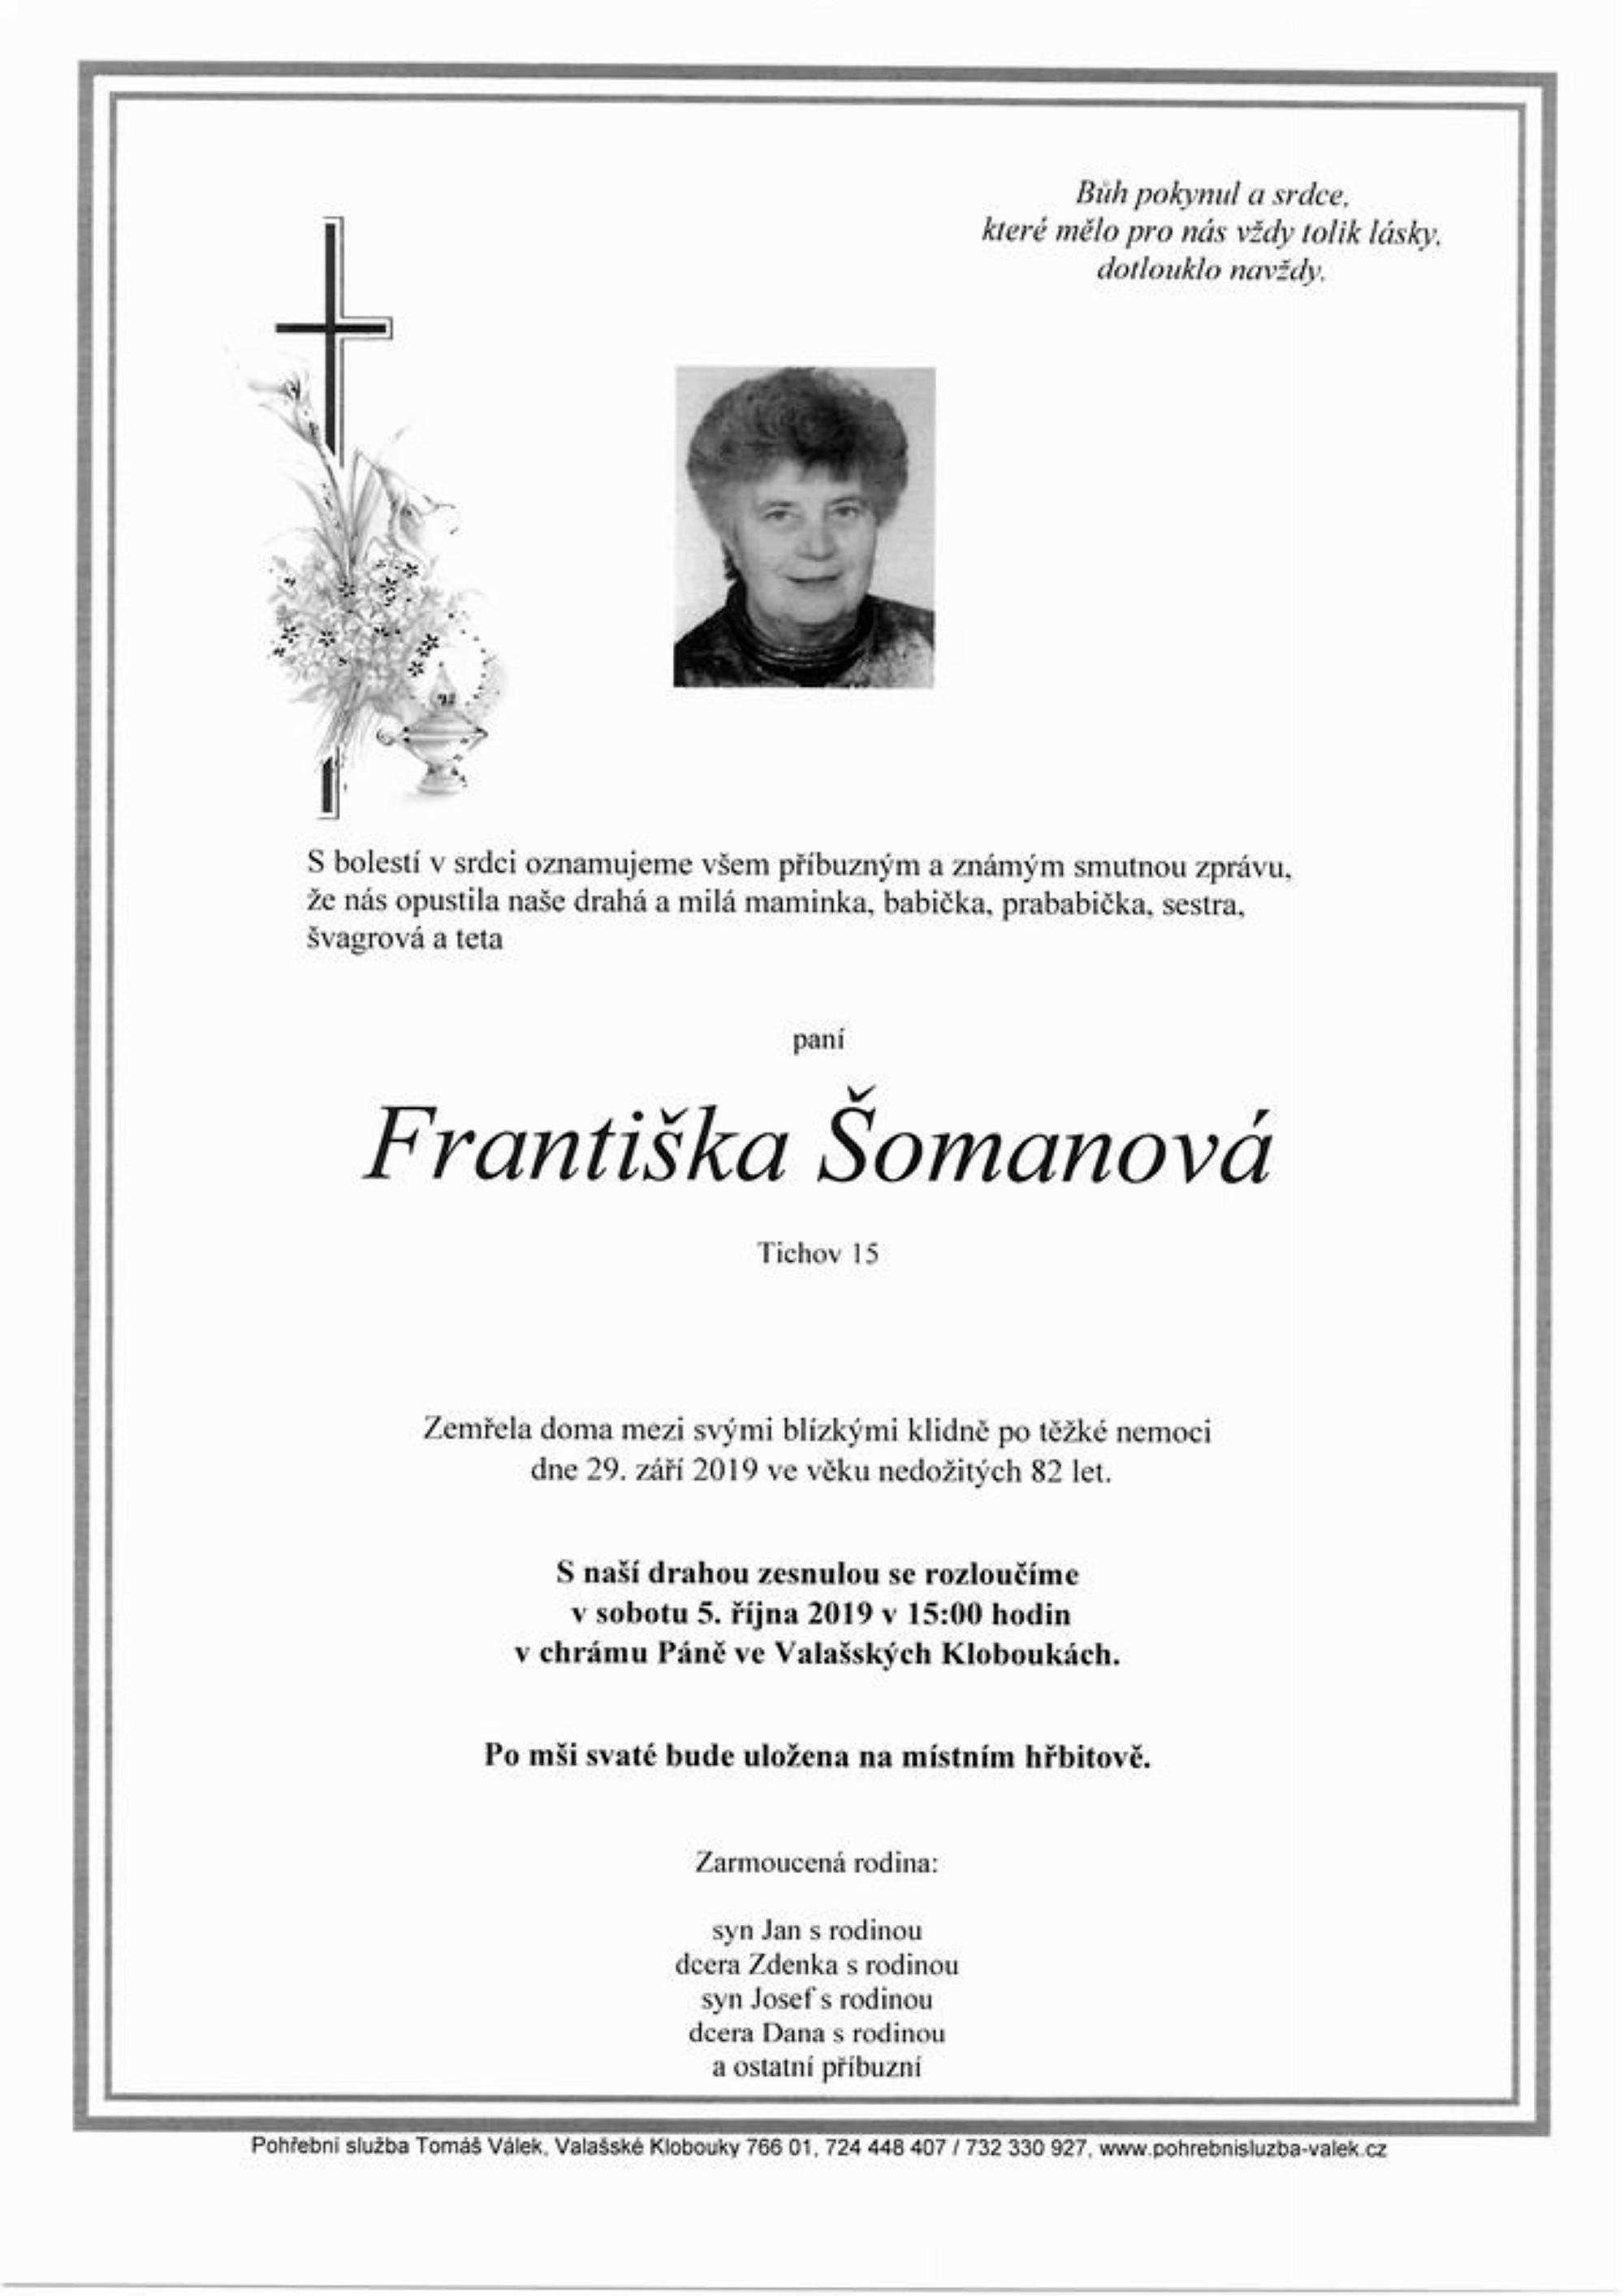 Františka Šomanová